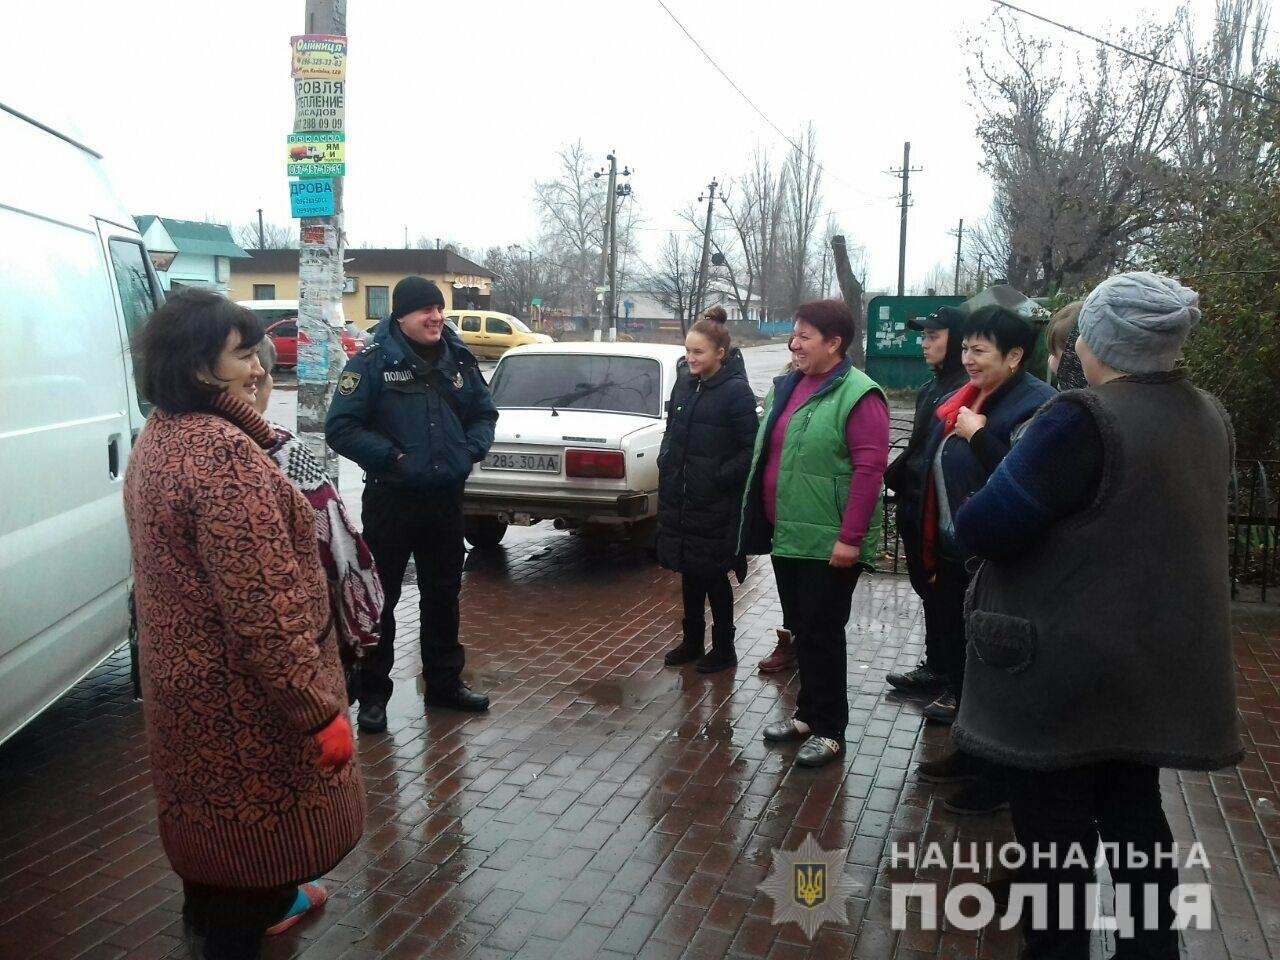 Дільничні офіцери поліції Новомосковського району відзвітували про свою роботу, фото-1